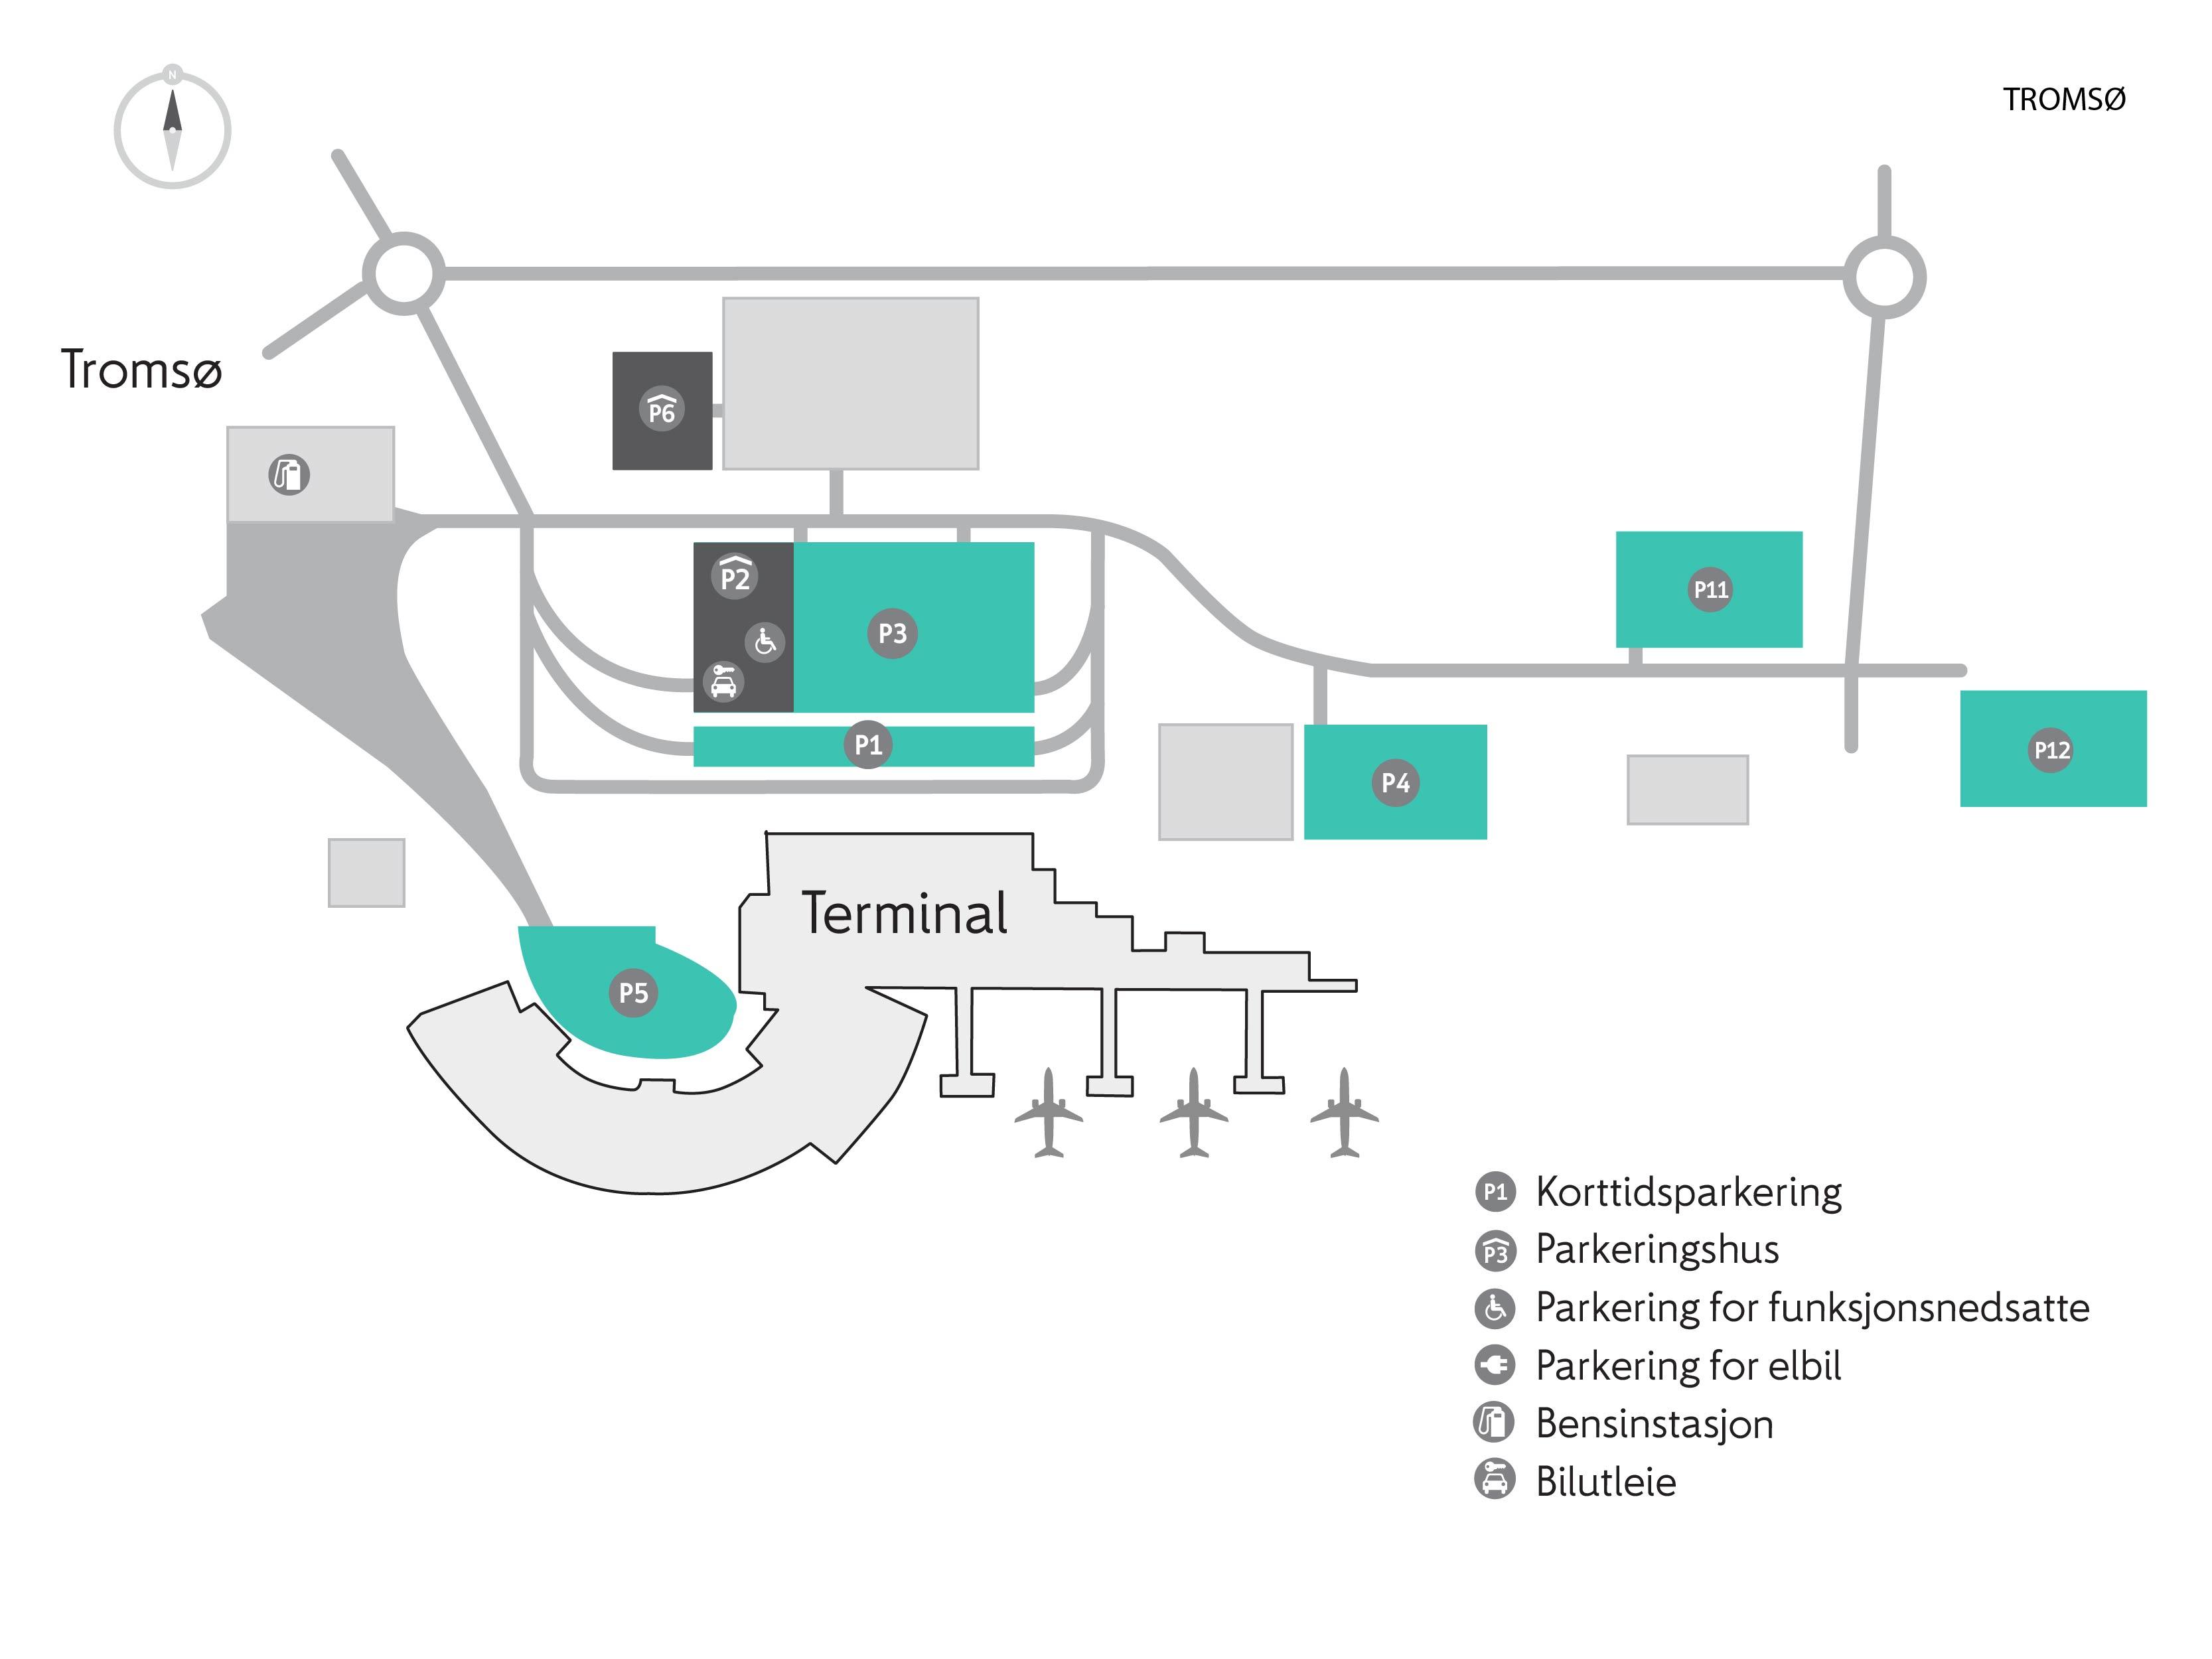 Plattegrond vliegveld luchthaven Tromsø